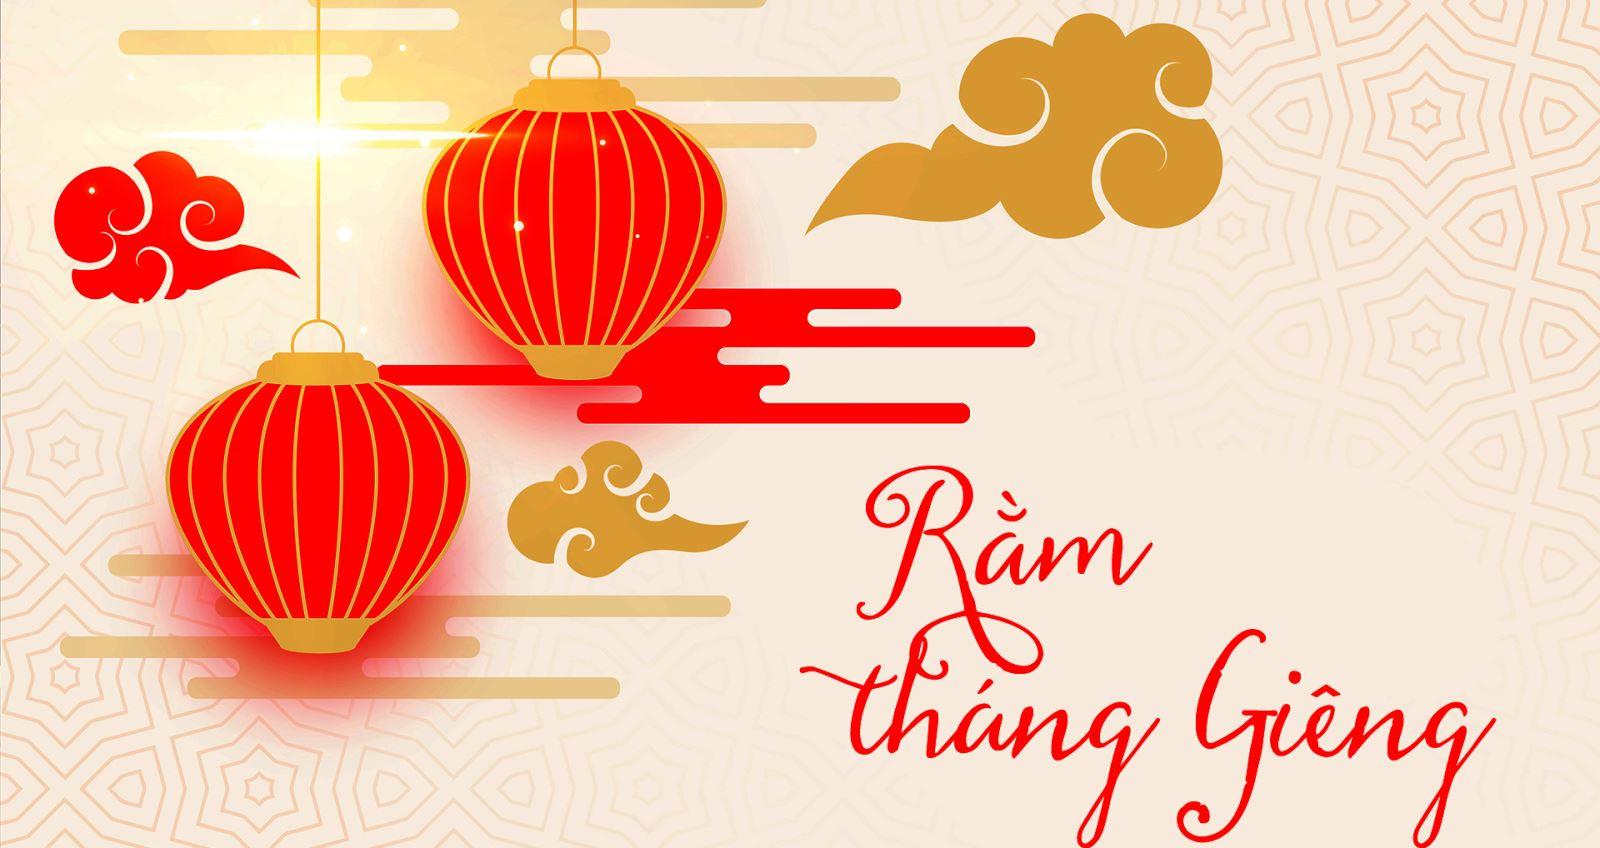 Sử sách Việt Nam có ghi ngày Rằm tháng Giêng vốn là ngày tết Trạng Nguyên